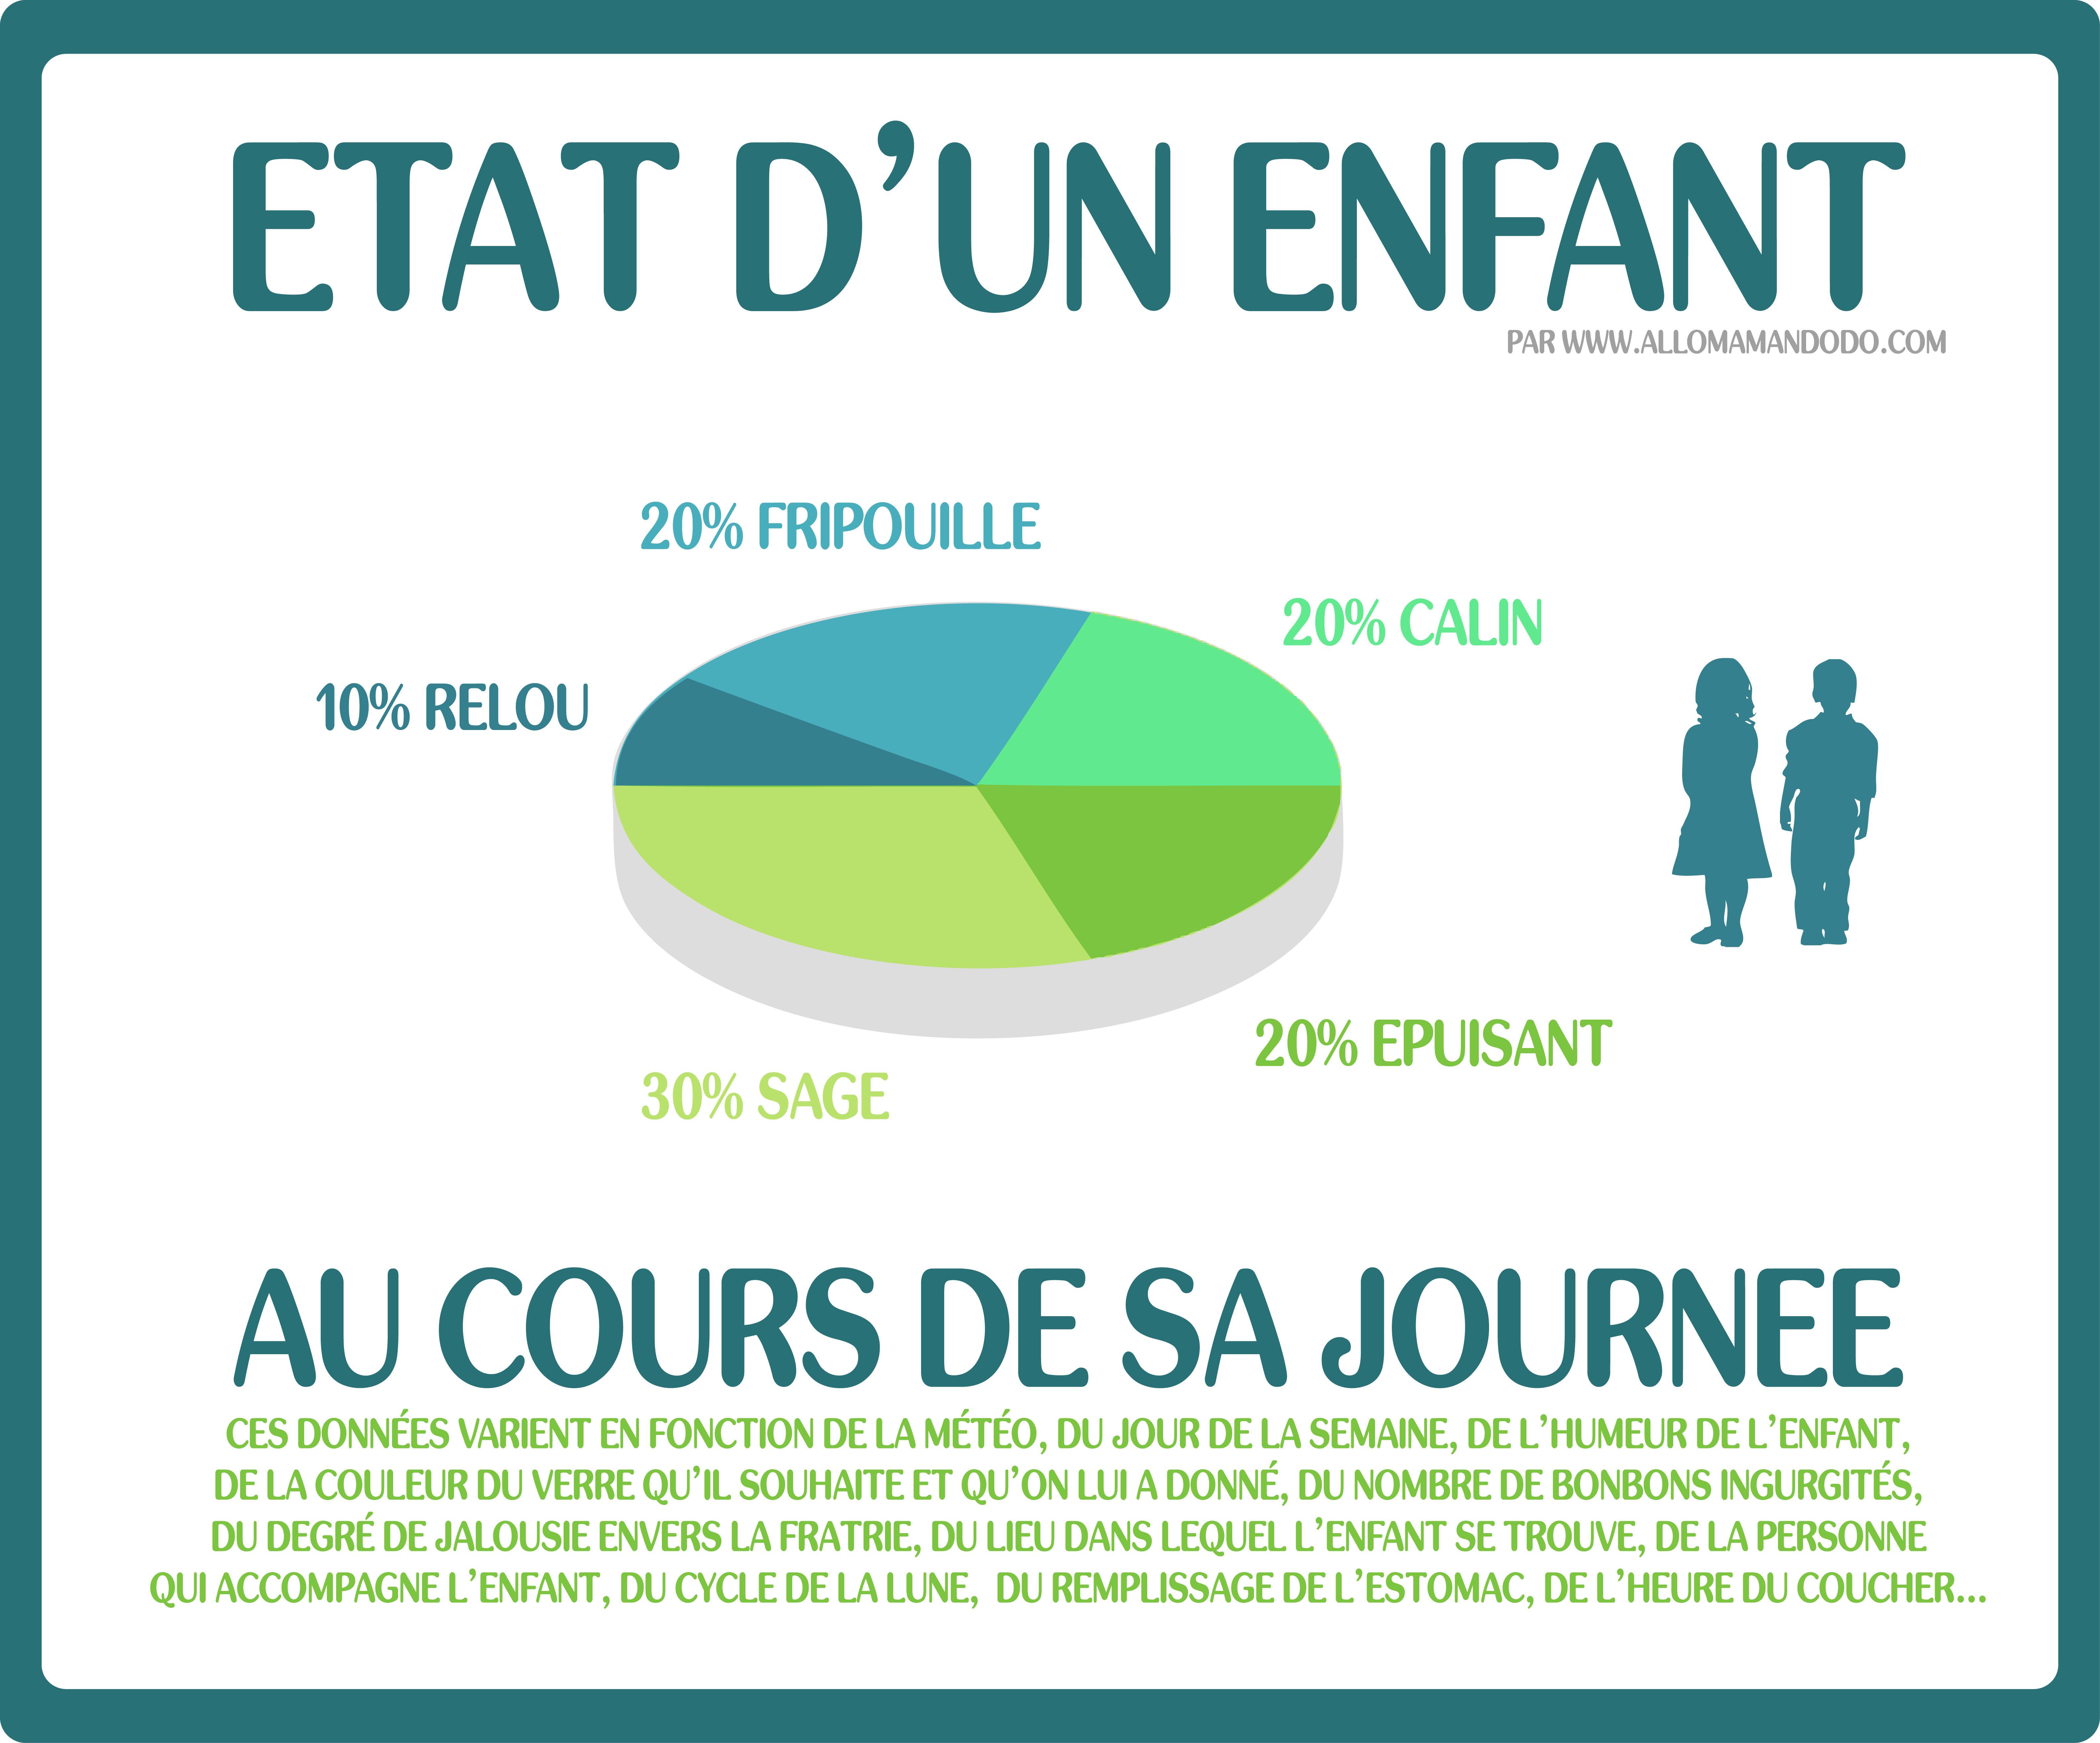 ETAT D'UN ENFANT AU COURS DE SA JOURNEE